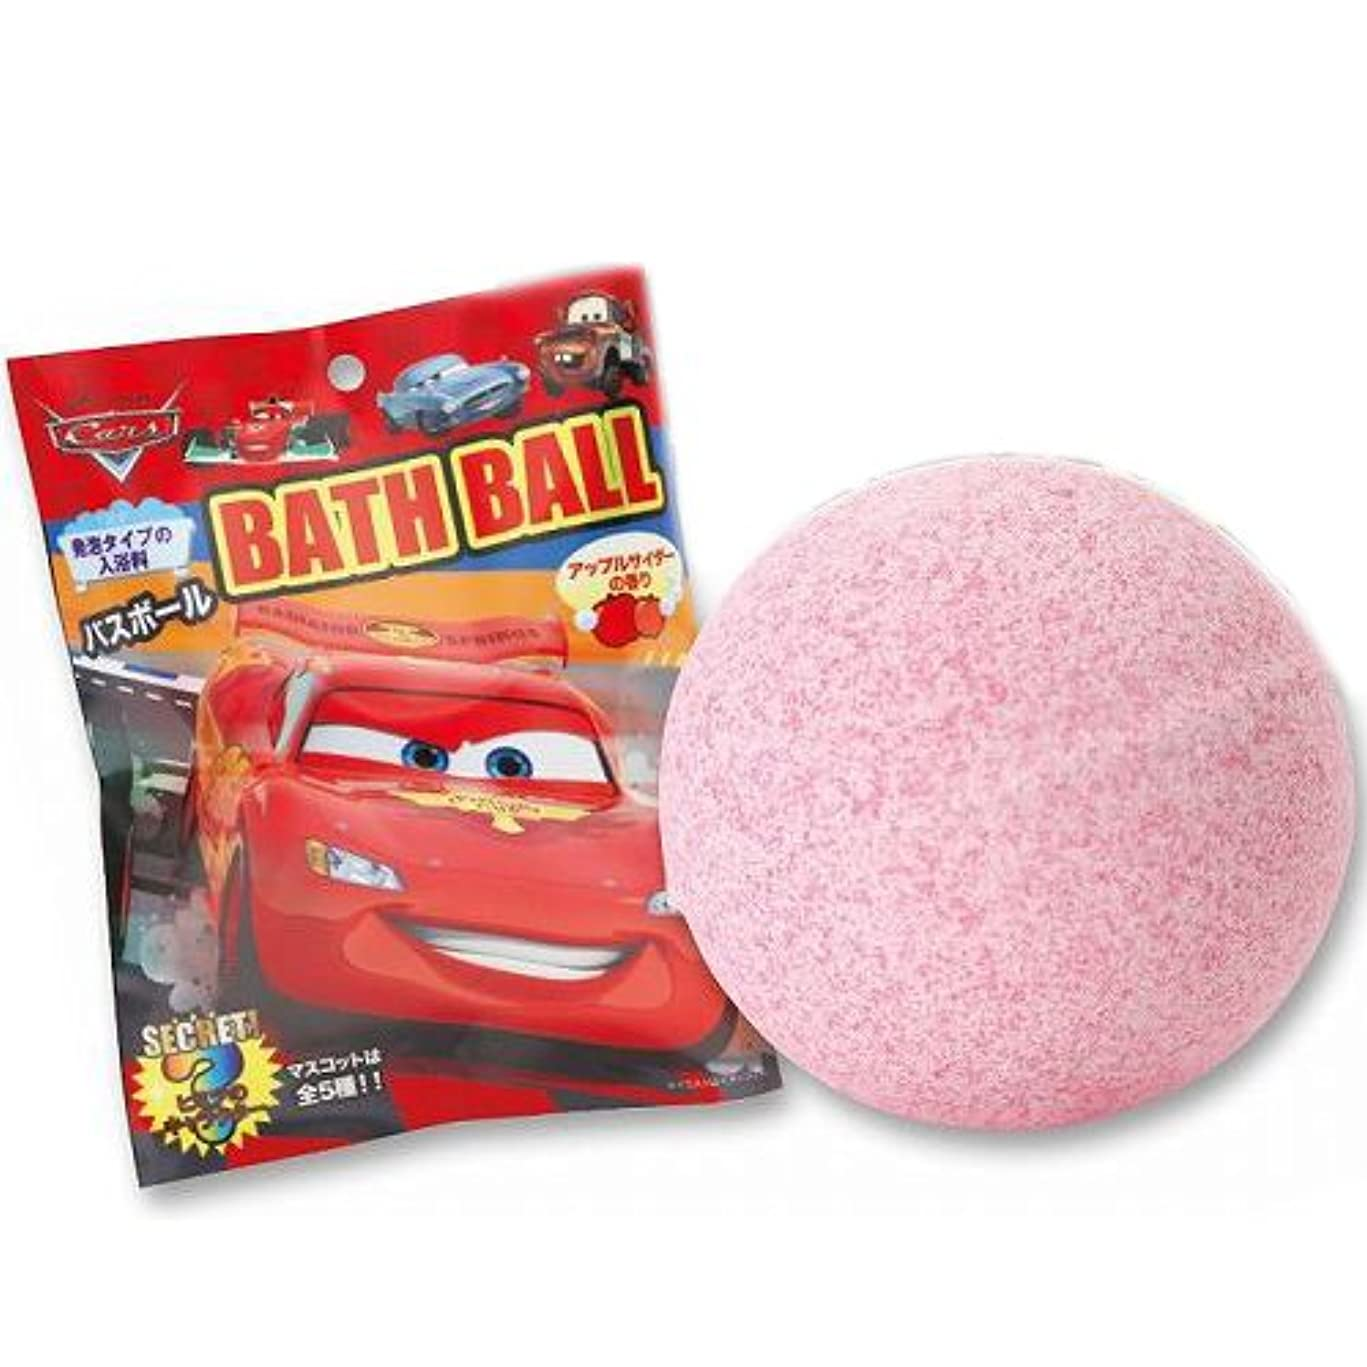 ブロックエキゾチック現実にはカーズ バスボール 入浴剤 CARS マスコットフィズ バスフィズ おもちゃ グッズ コレクション 12937【即日?翌日発送】